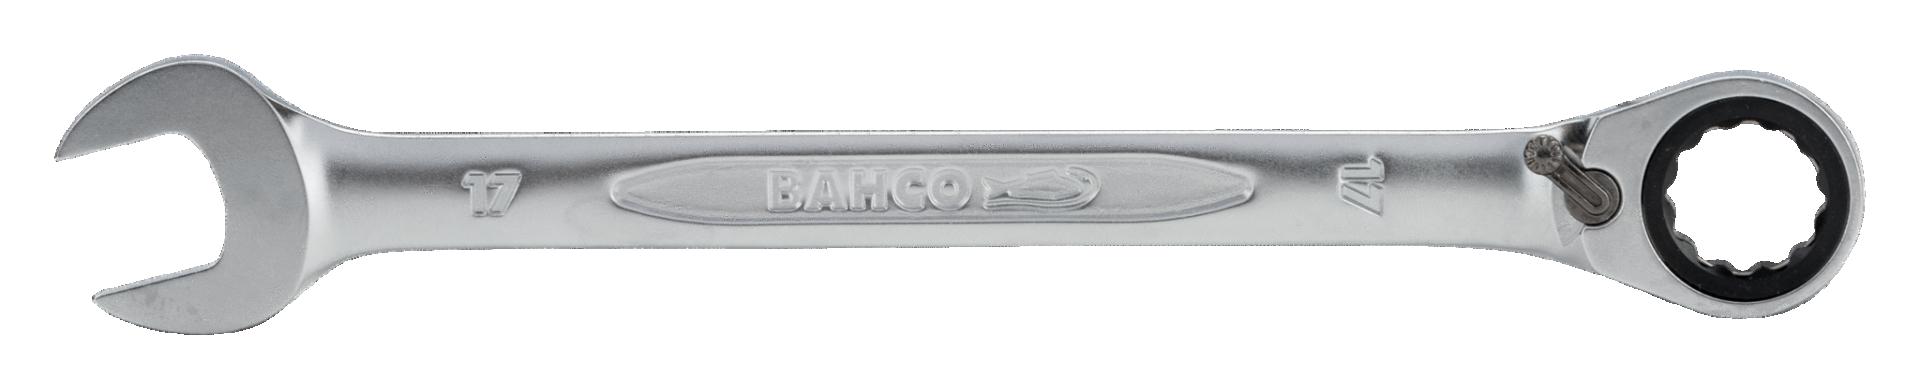 Klucz płasko-oczkowy z grzechotką 30 mm Dynamic-Drive Bahco (nr kat. 1RM-30)